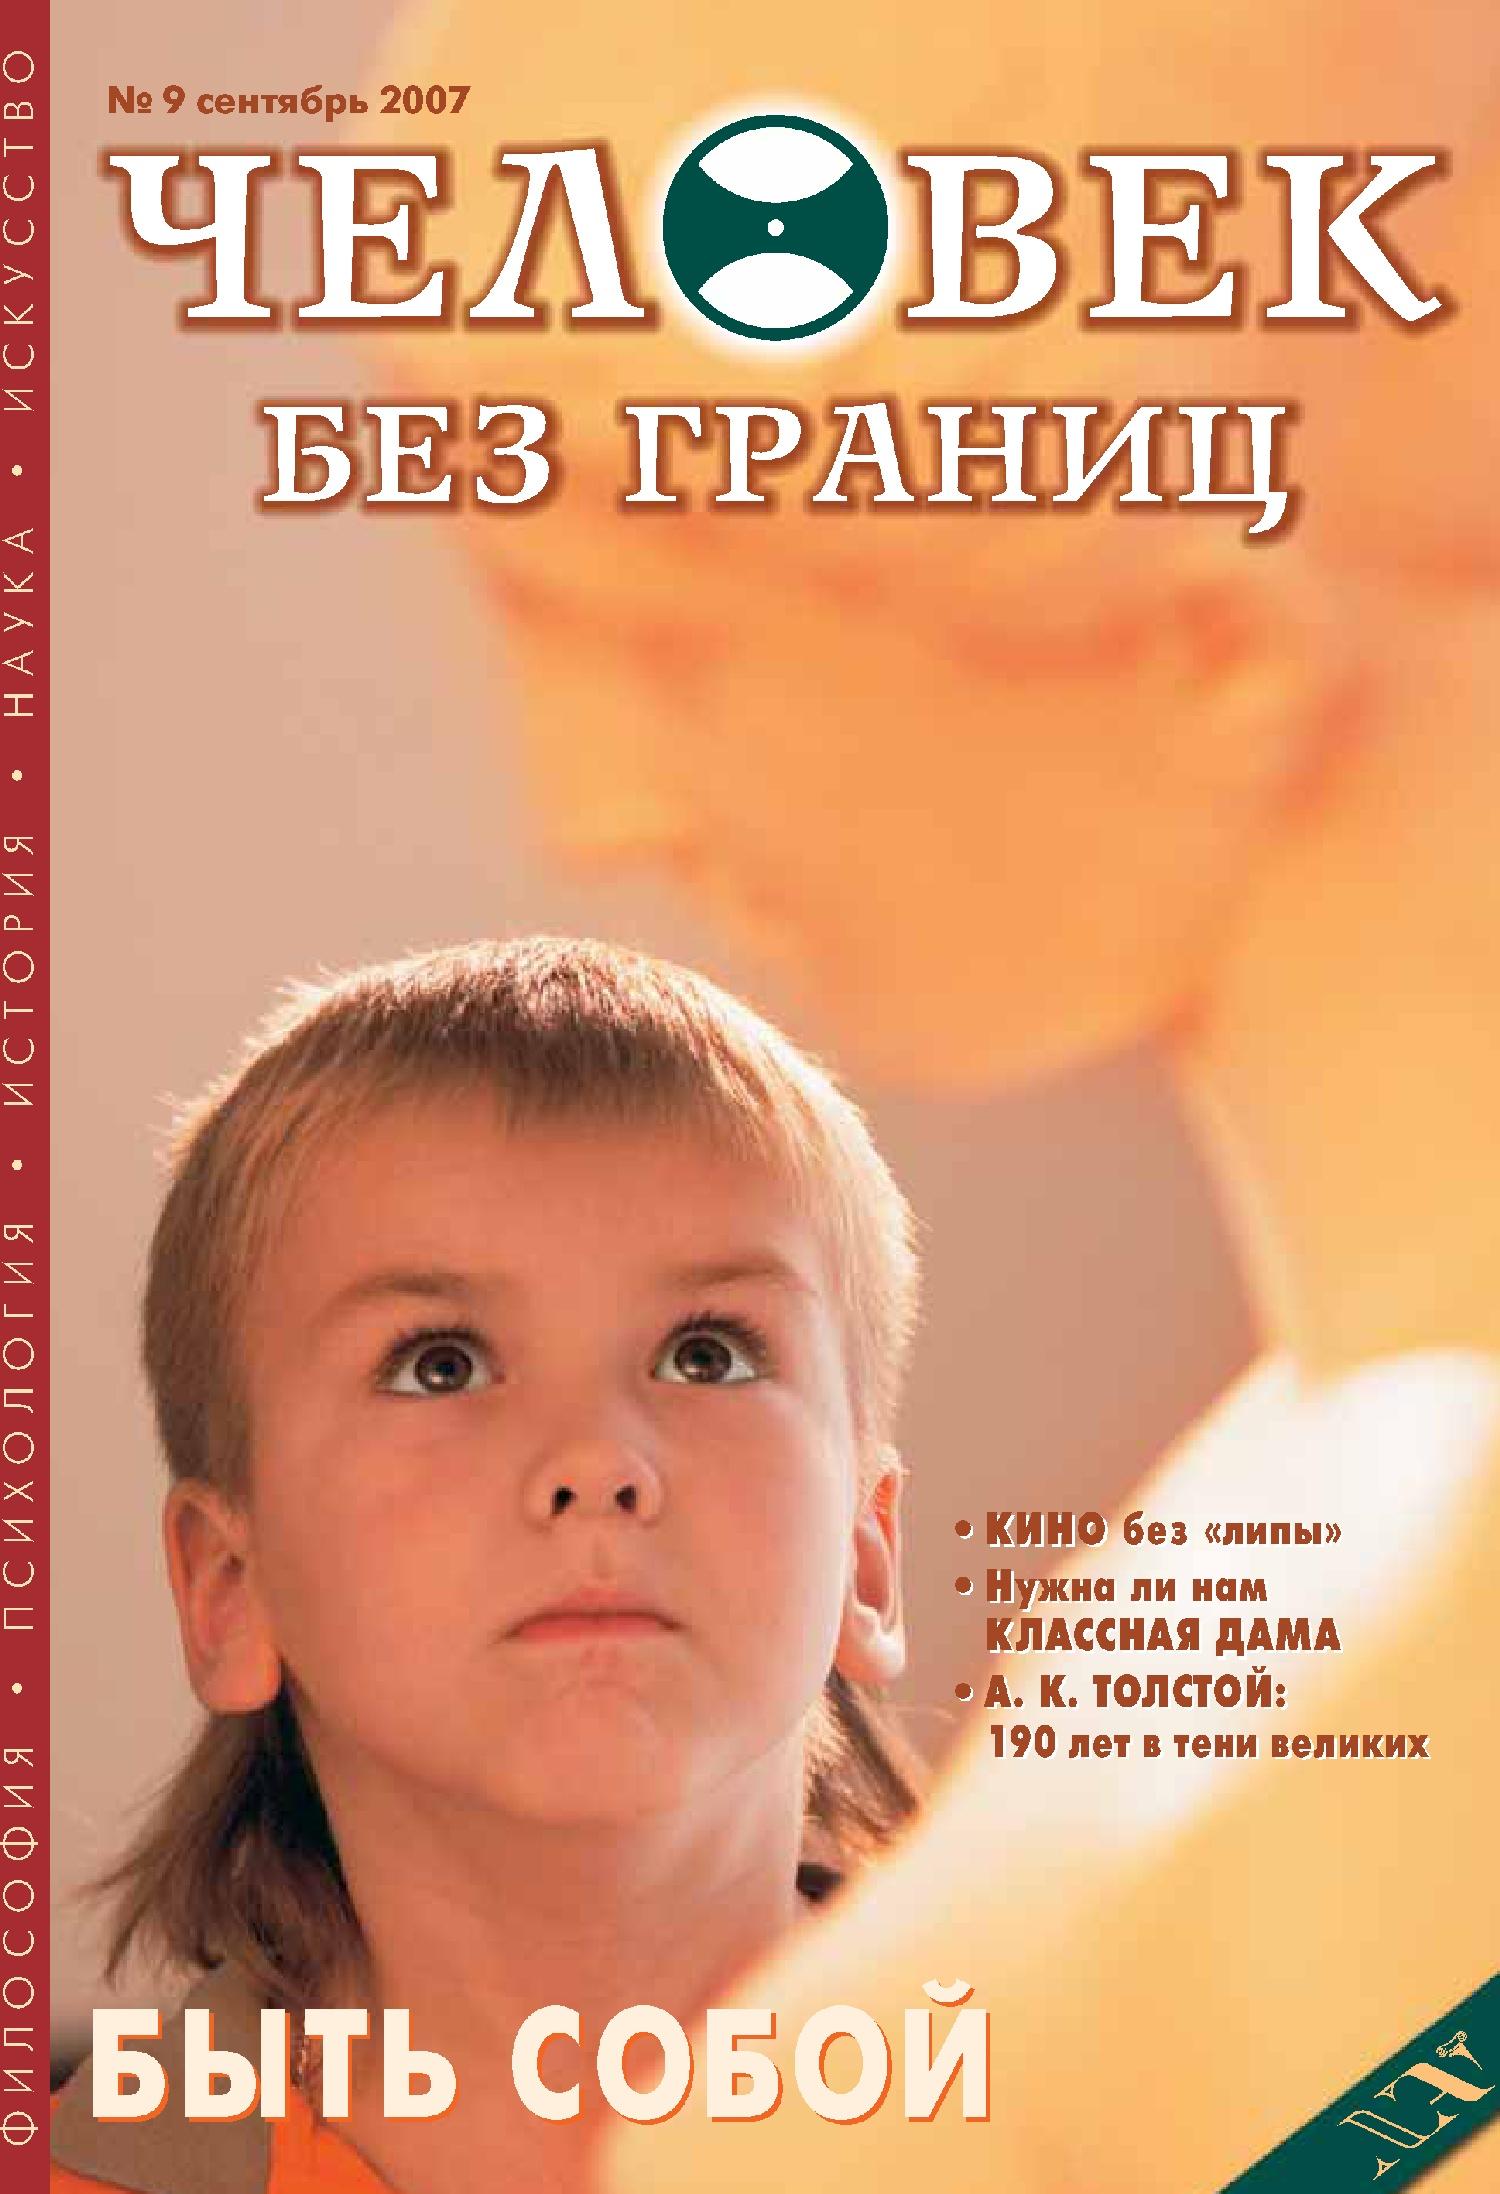 Отсутствует Журнал «Человек без границ» №9 (22) 2007 отсутствует журнал человек без границ 2 15 2007